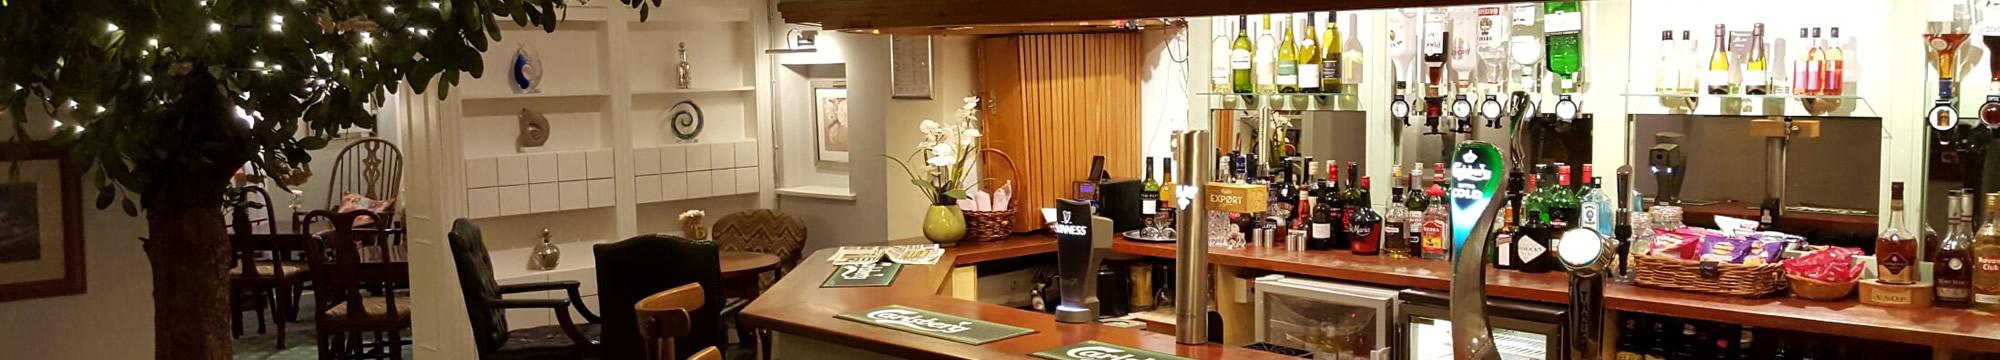 banner-bar